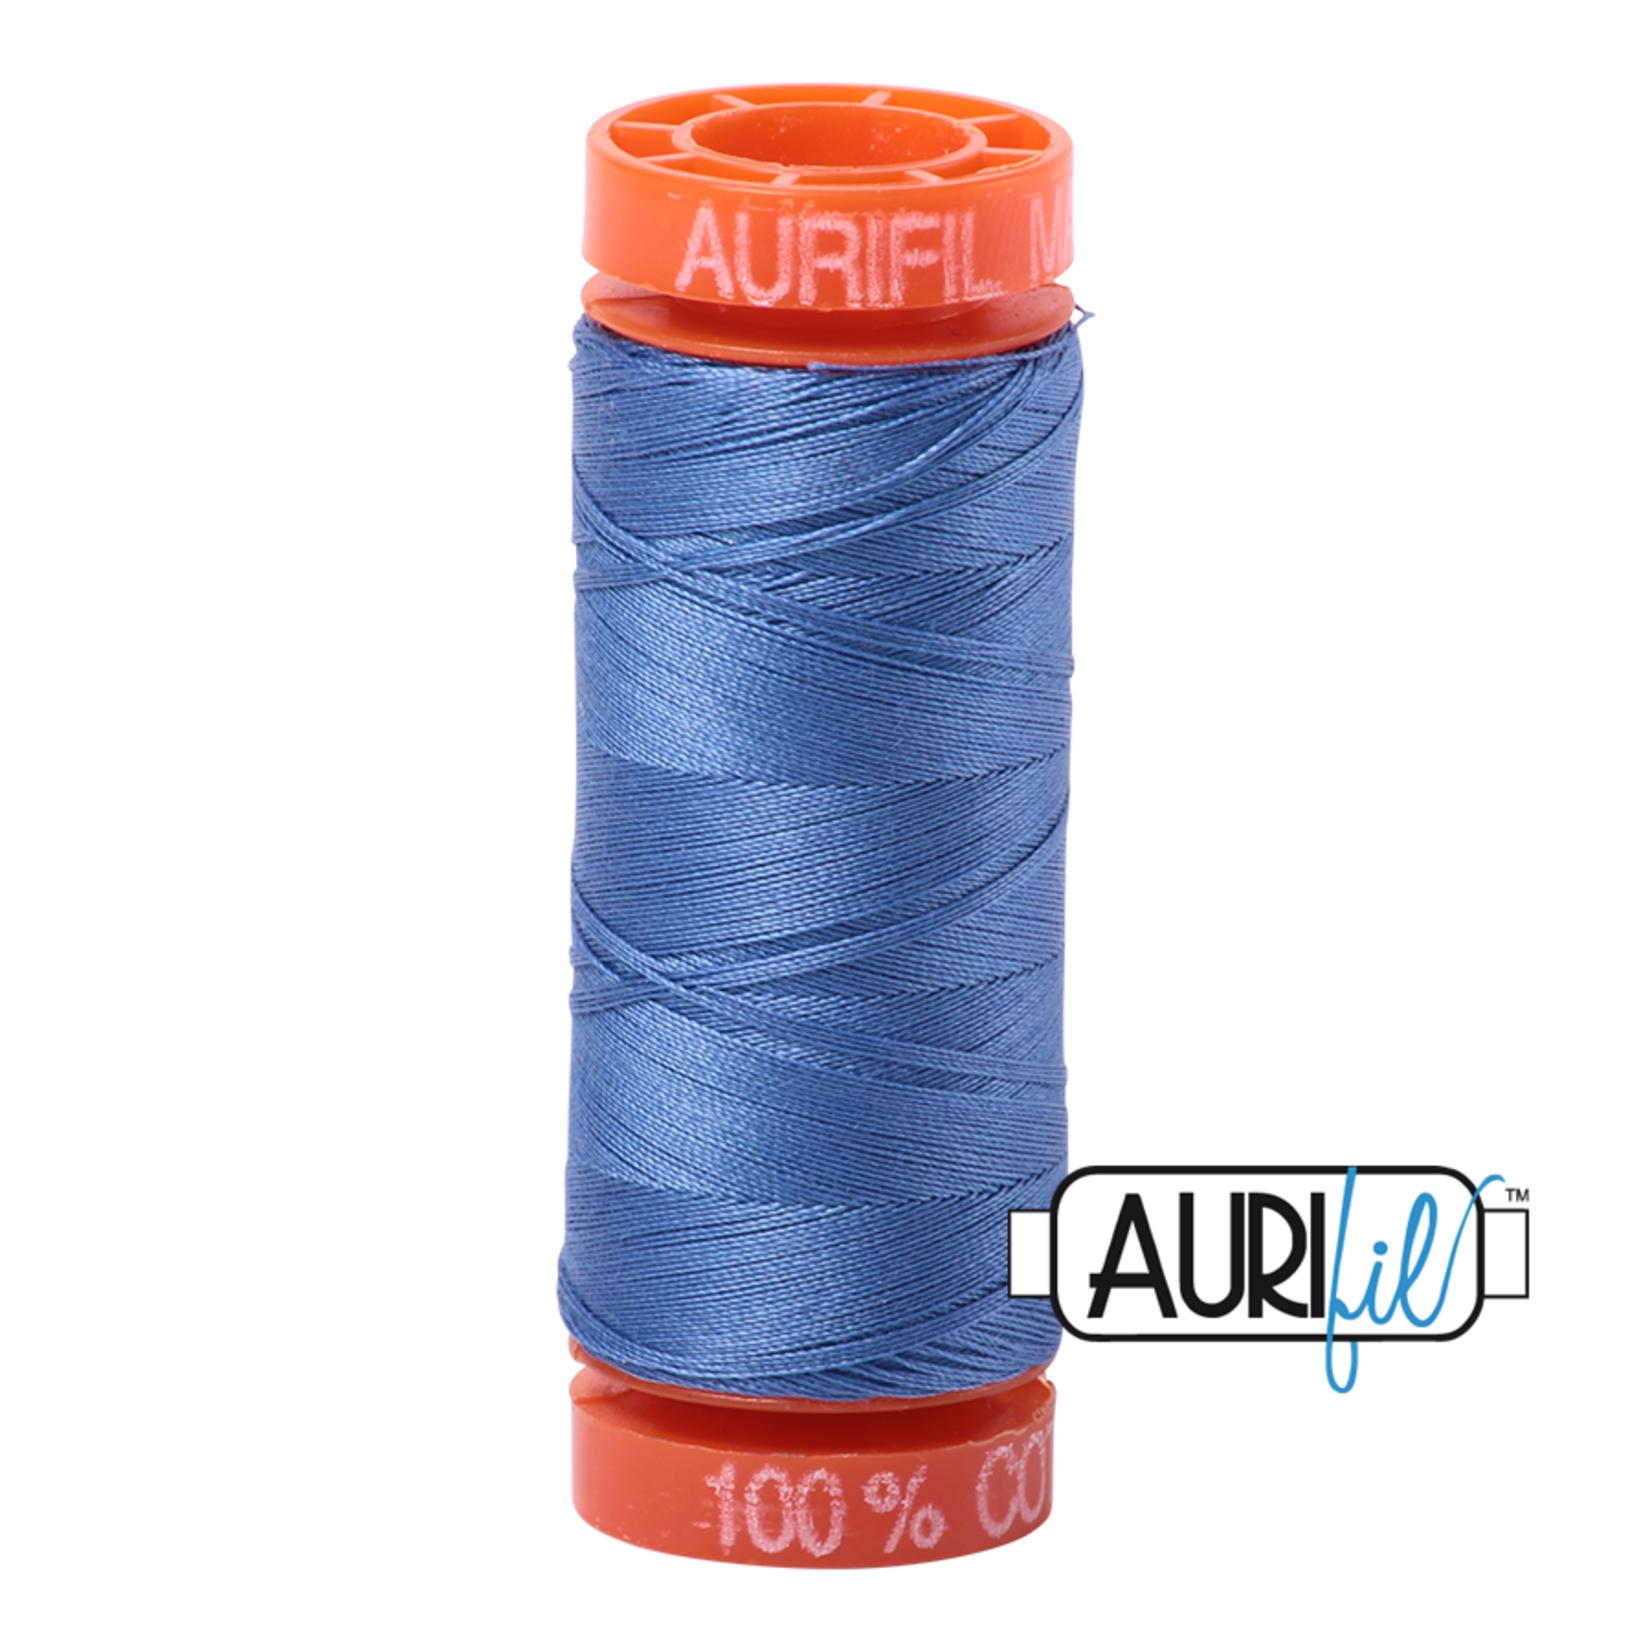 AURIFIL AURIFIL 50 WT Light Blue Violet 1128 Small Spool